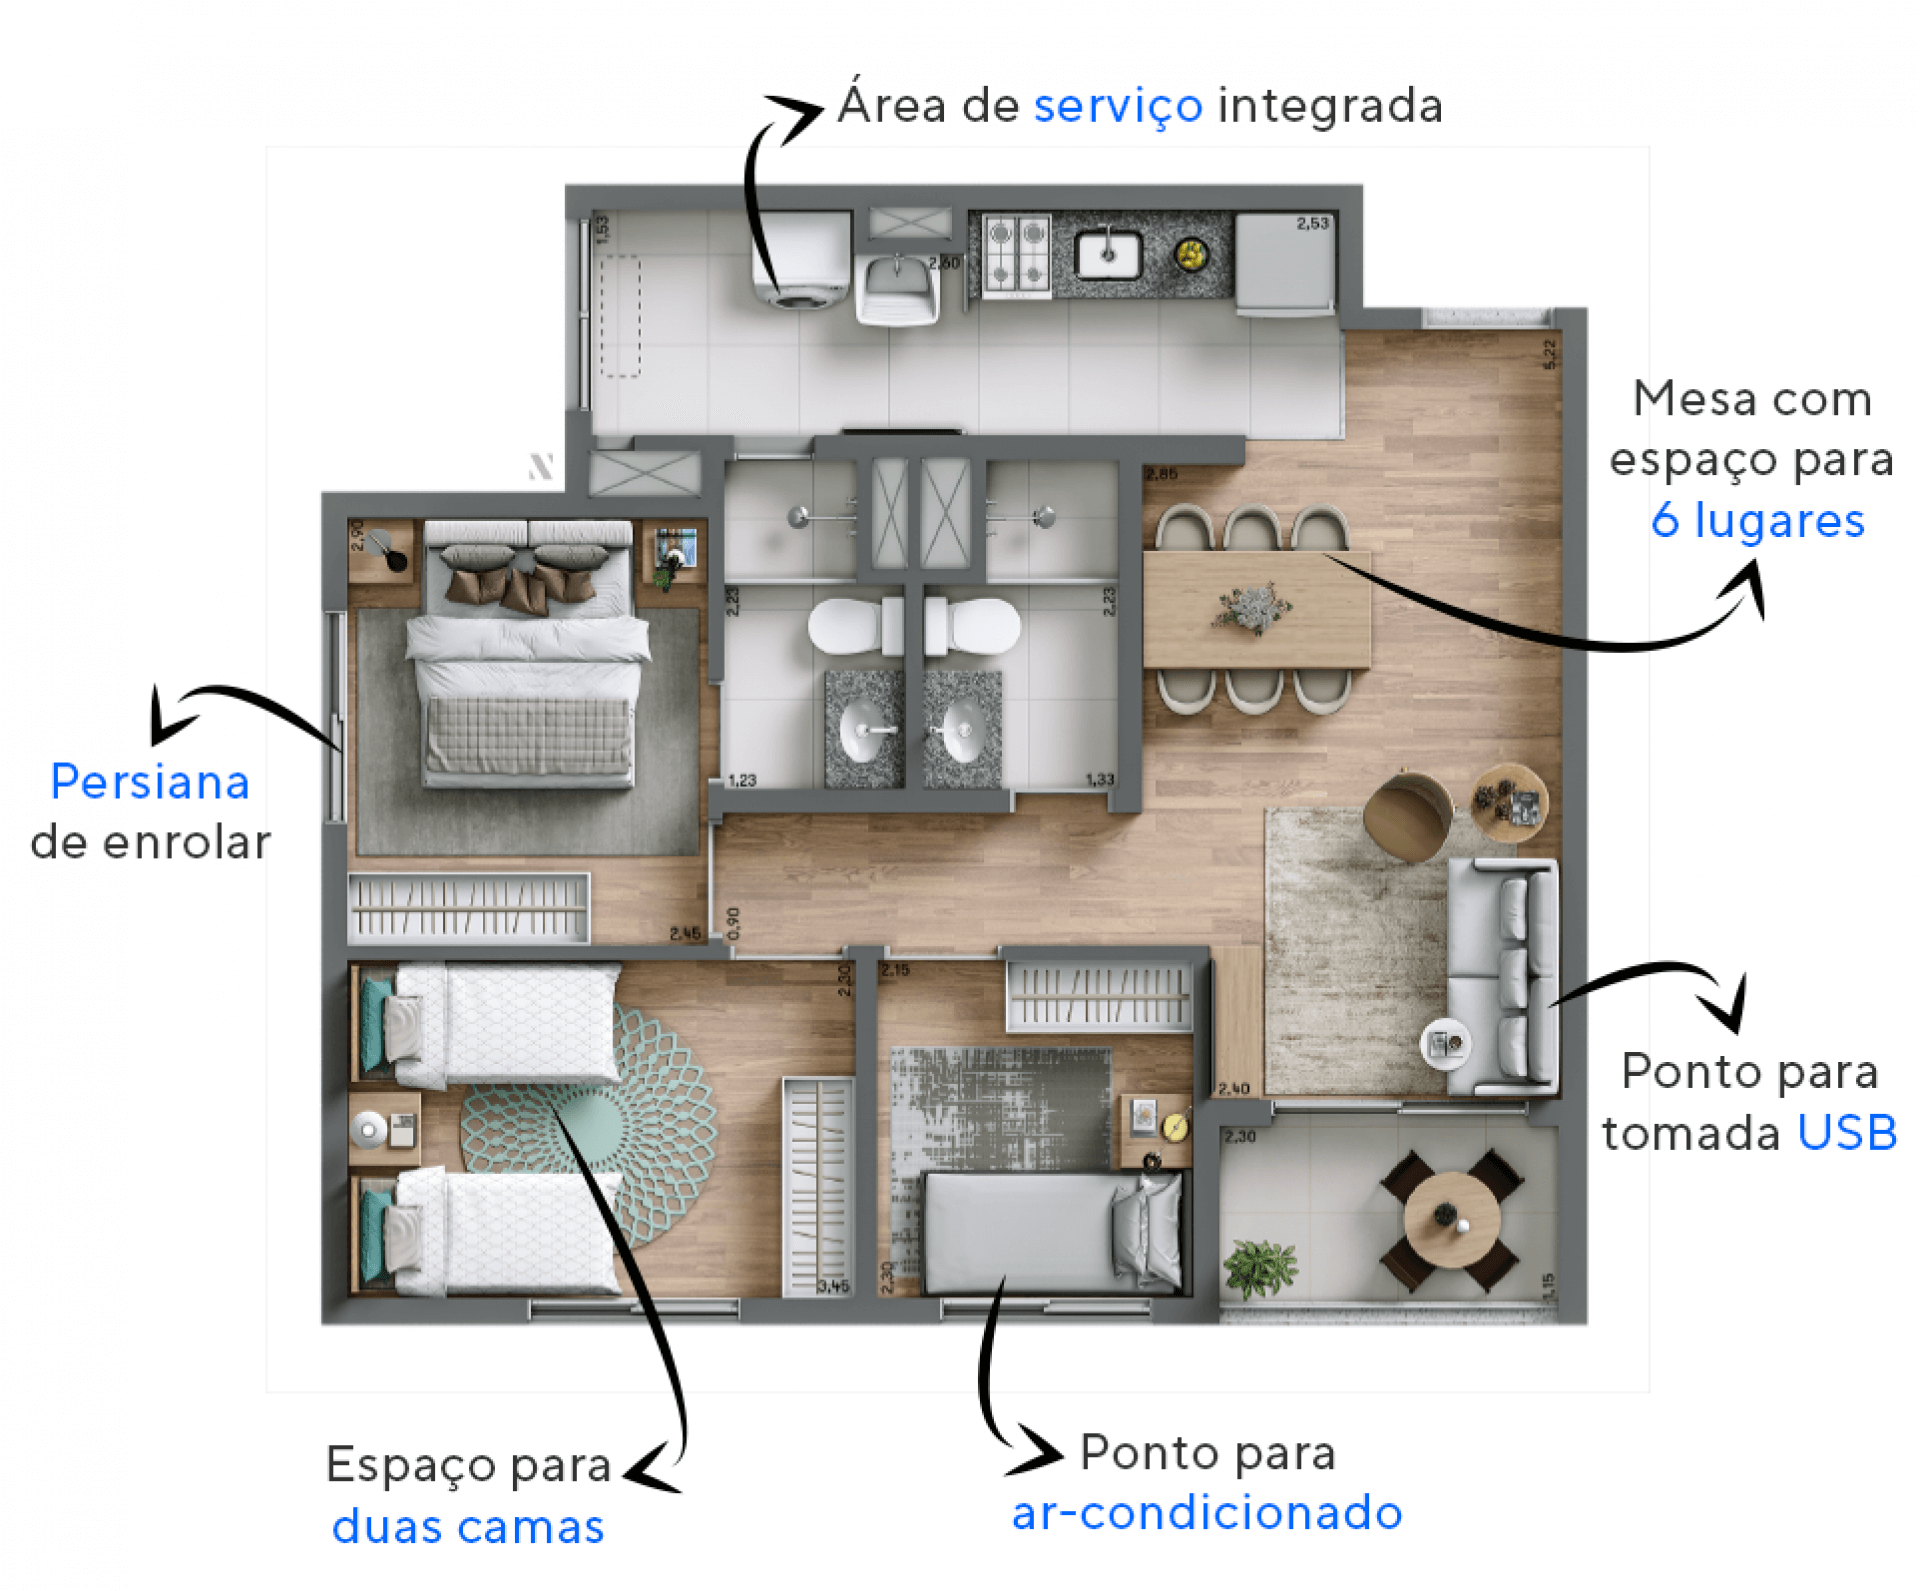 61 M² - 3 DORMITÓRIOS, SENDO 1 SUÍTE. Apartamentos do Open Marajoara conta com uma suíte que possibilita a colocação de uma cama de casal. A área social possui boa circulação tornando o espaço confortável, uma ótima opção para casais com filhos.